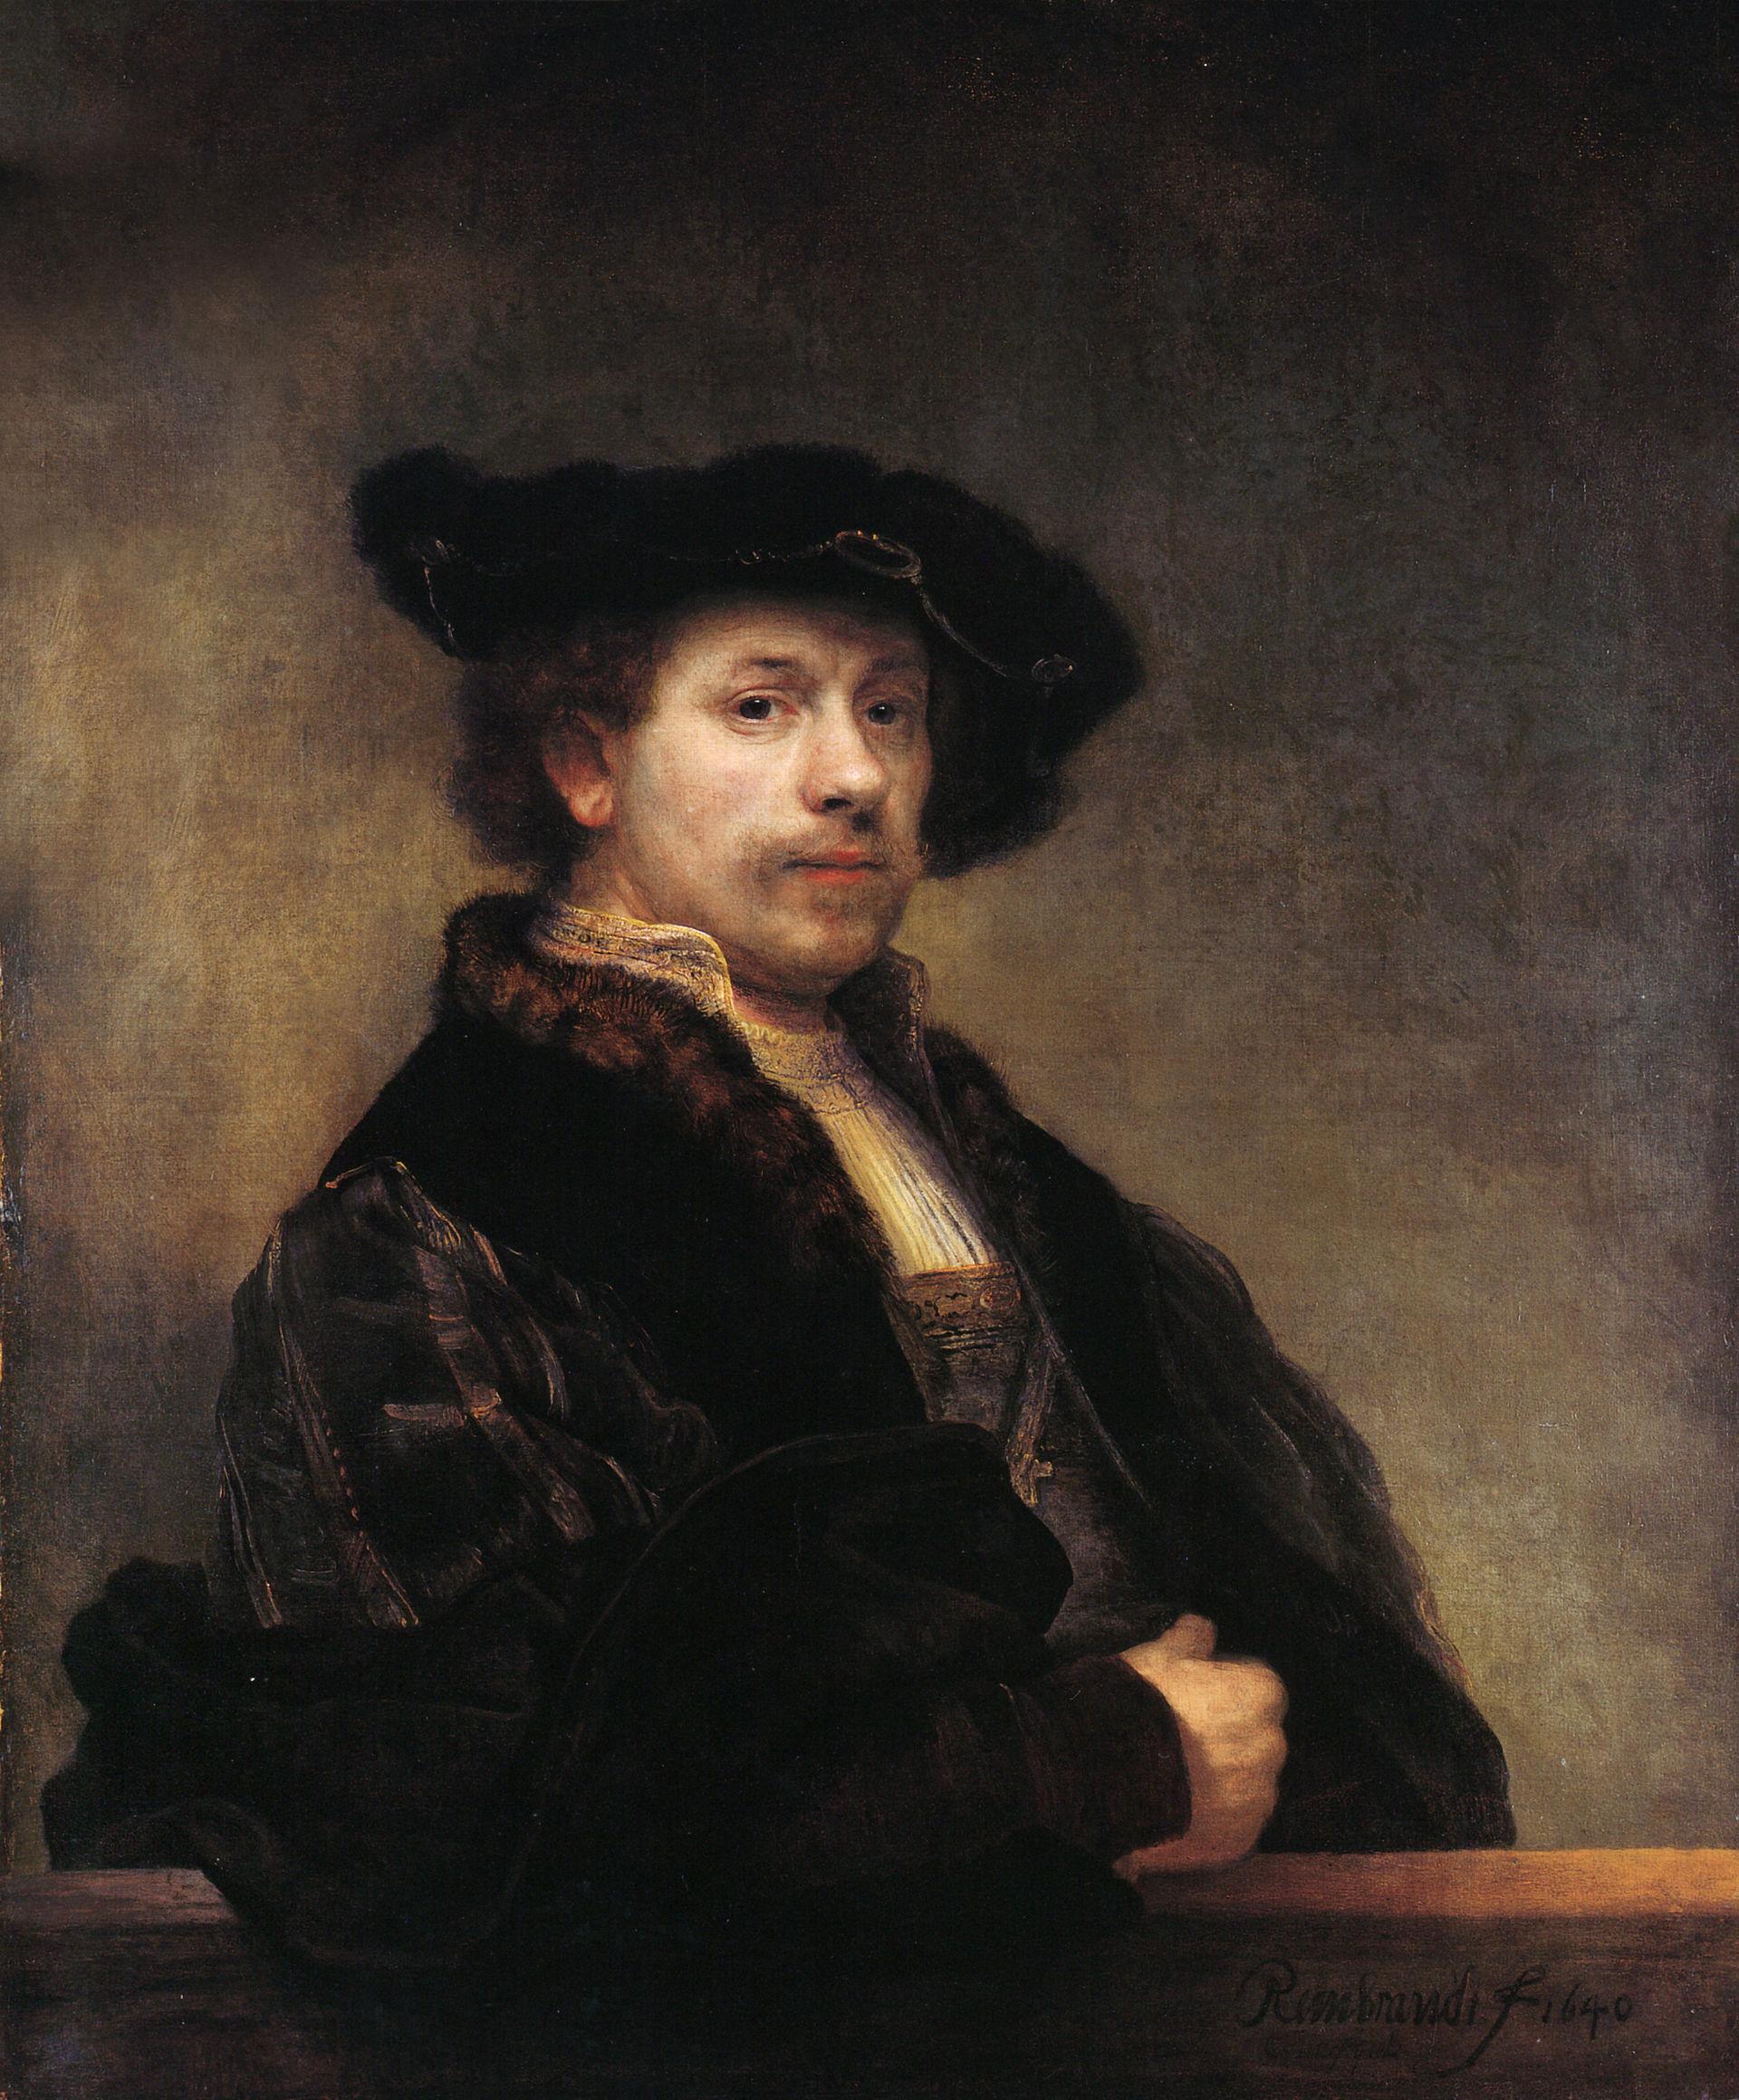 レンブラント・ファン・レイン、光の魔術師の有名絵画を紹介します